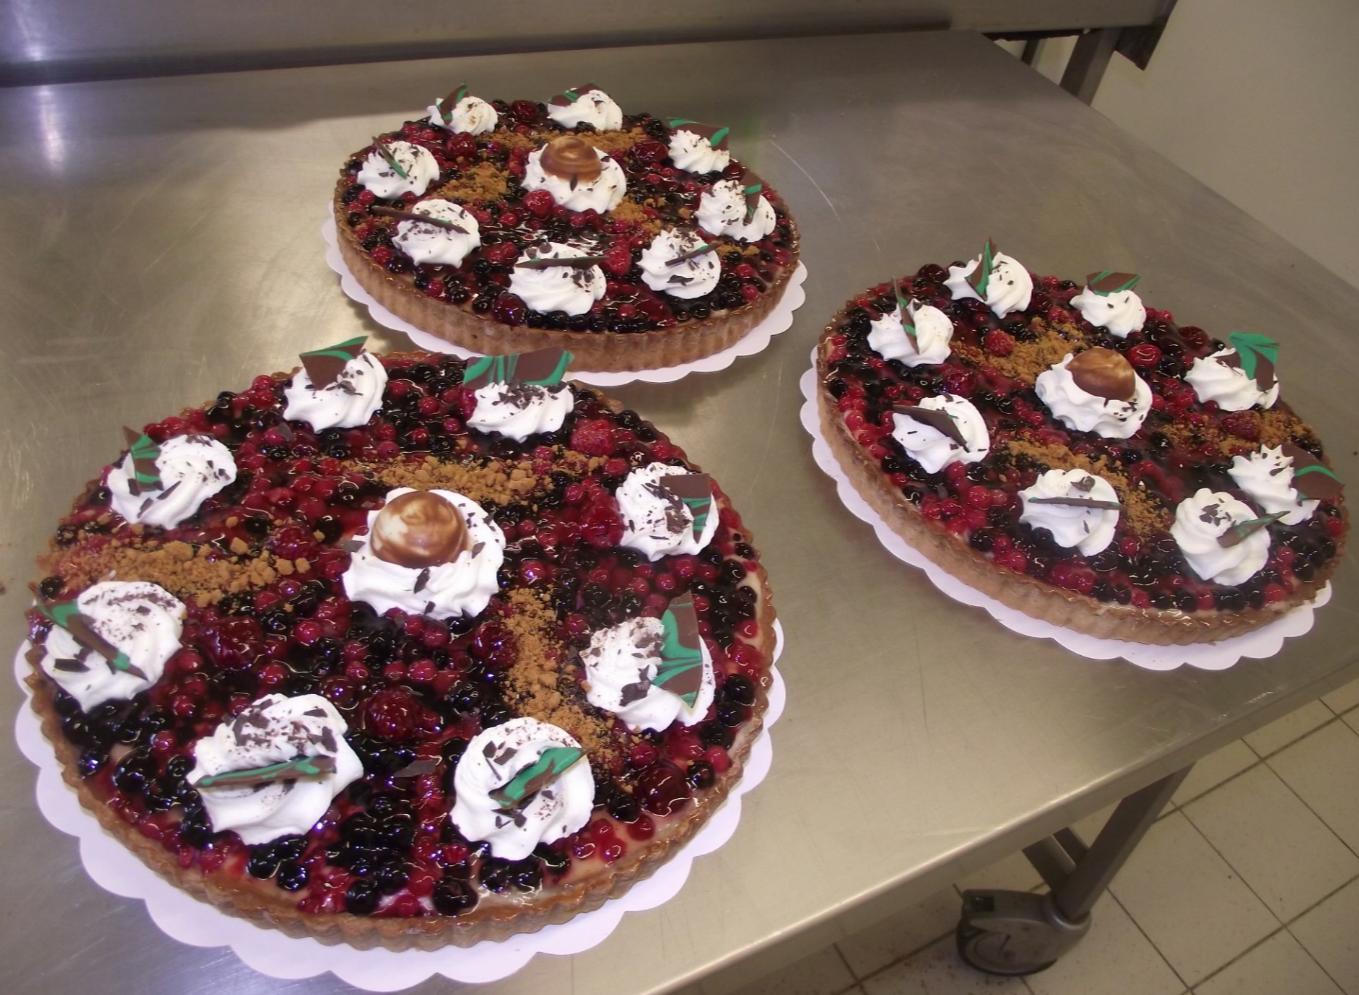 3 tartes aux fruits des bois 10-12 parts